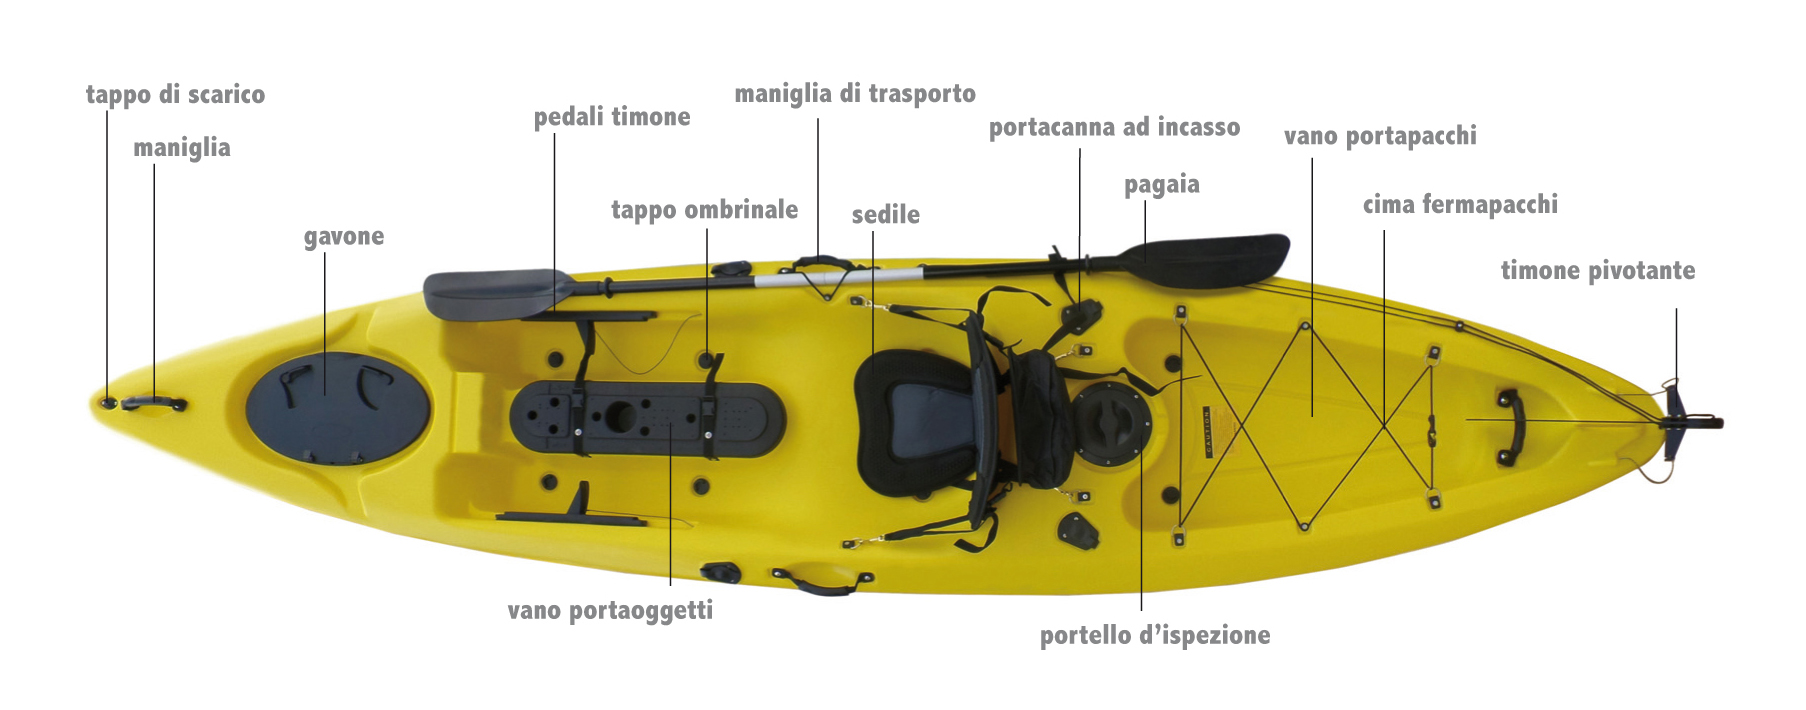 Accessori per Kayak da pesca